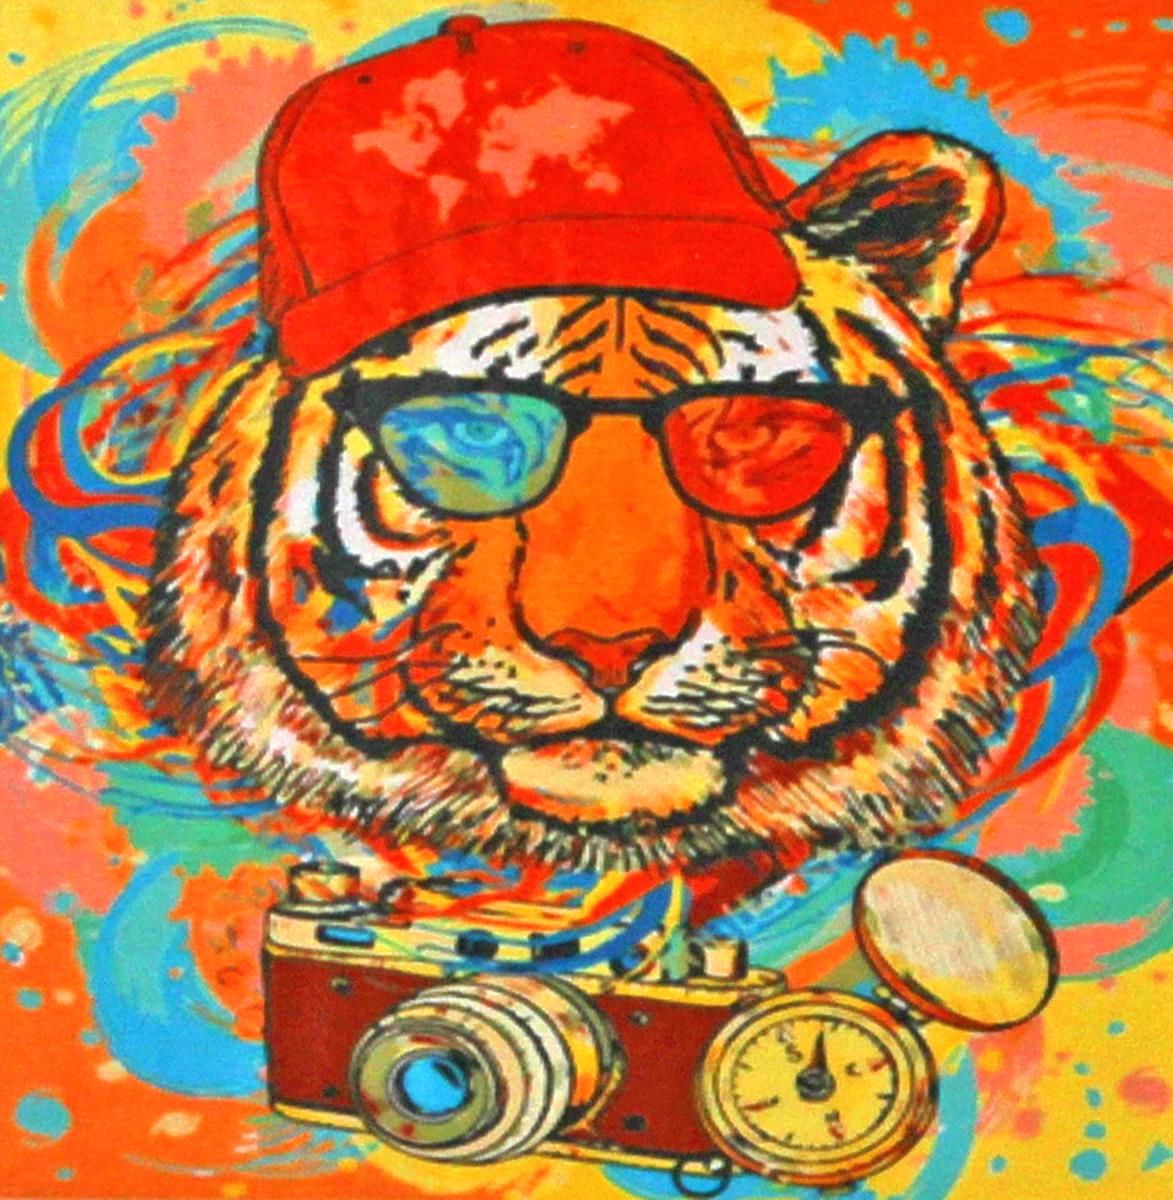 Фото - Набор для живописи Рыжий кот Тигр в очках, 50 х 40 см набор для живописи рыжий кот лошадь и кот в цветах 50 х 40 см